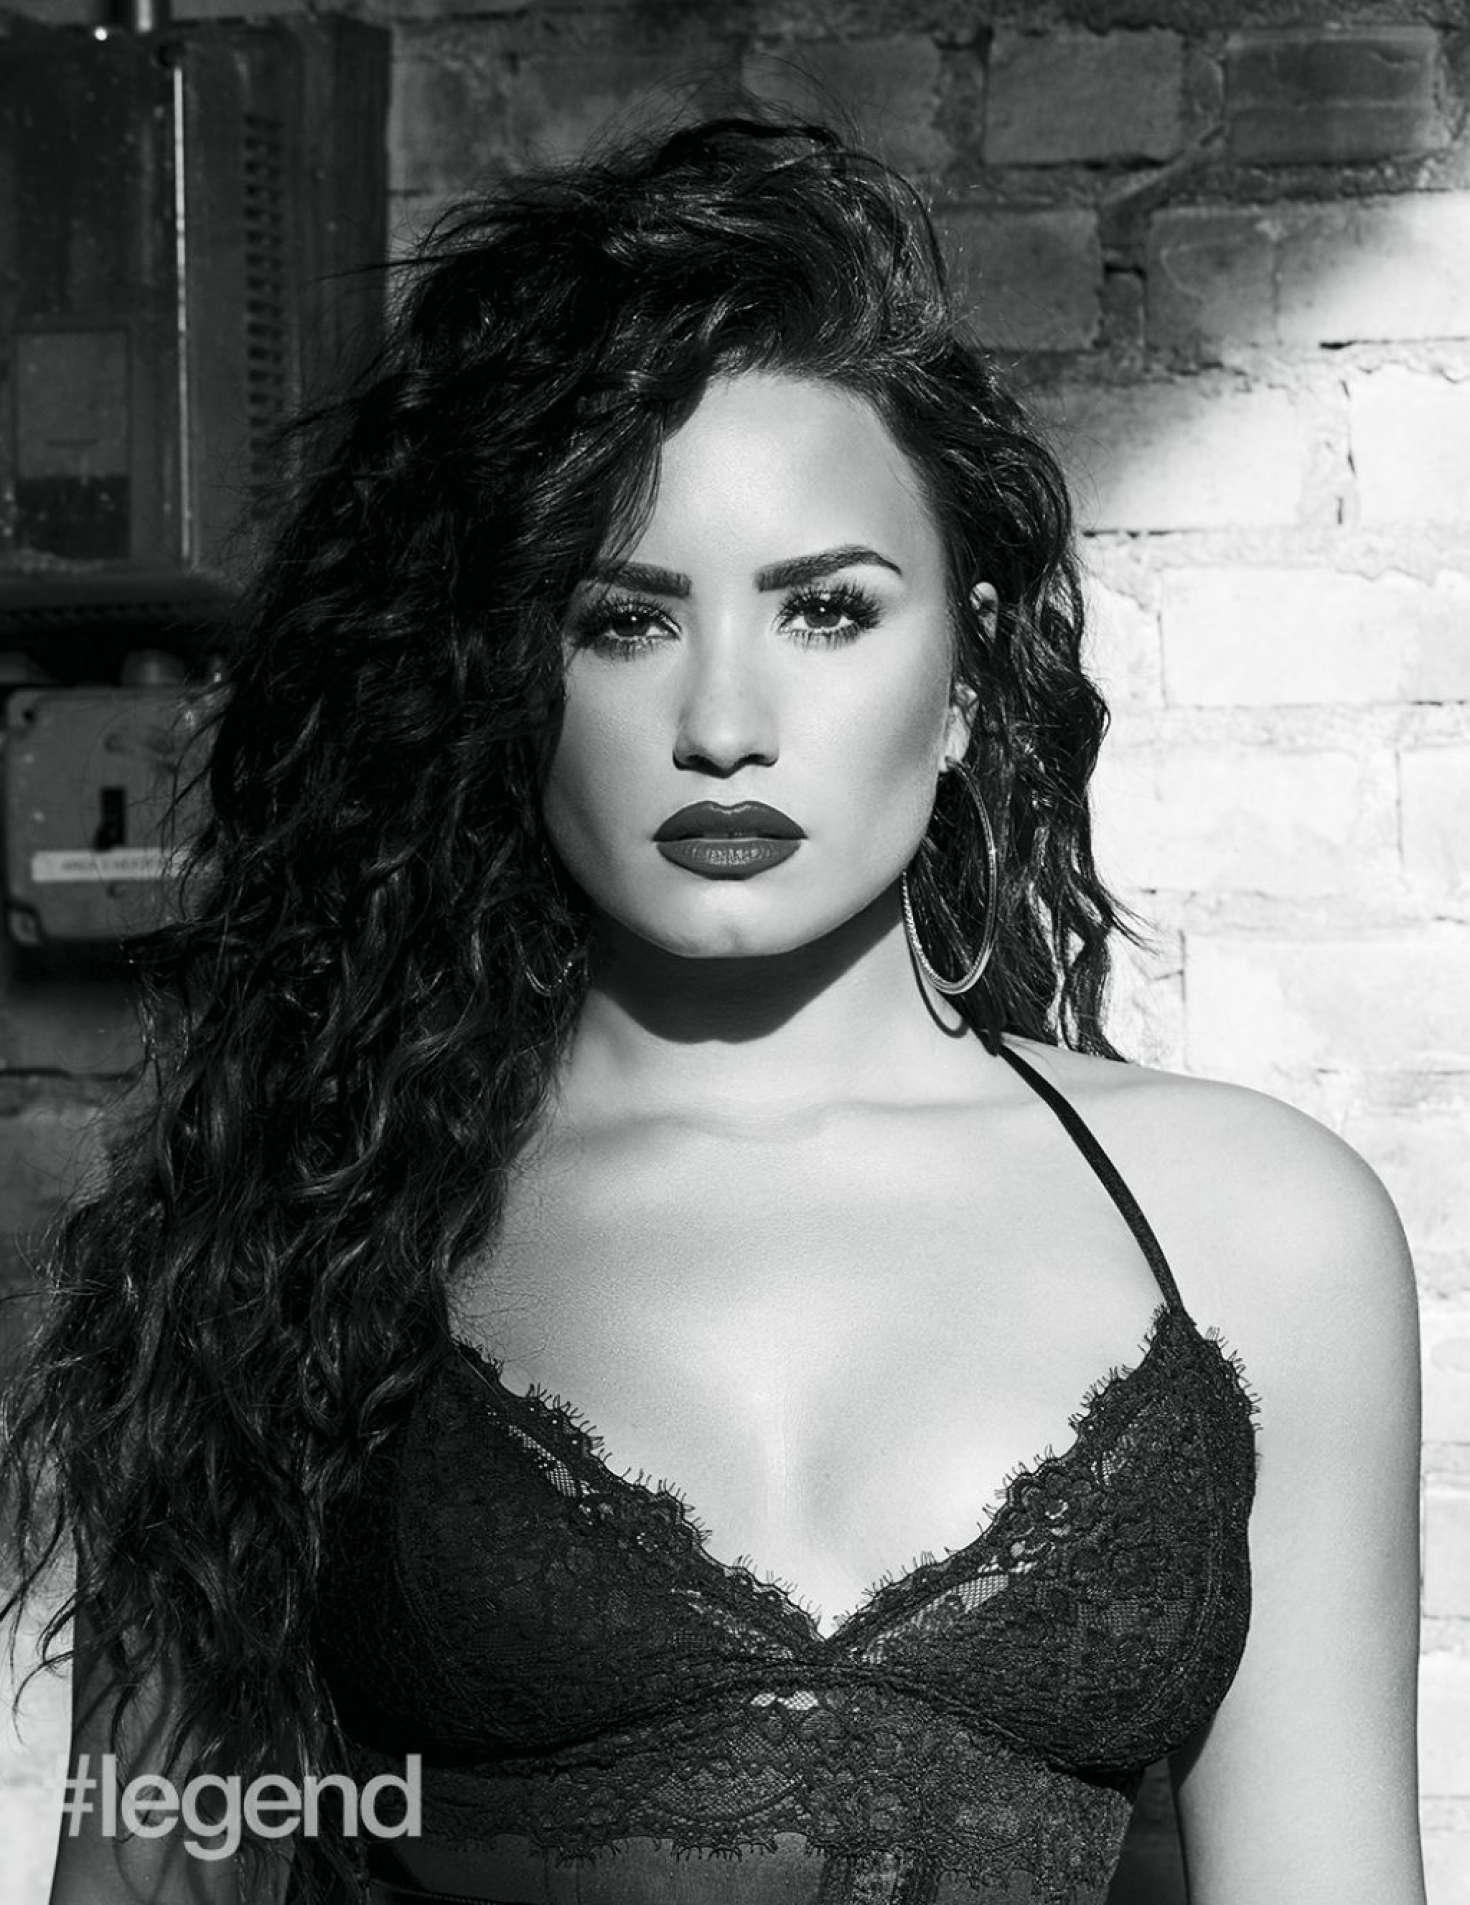 Demi Lovato - #legend ...